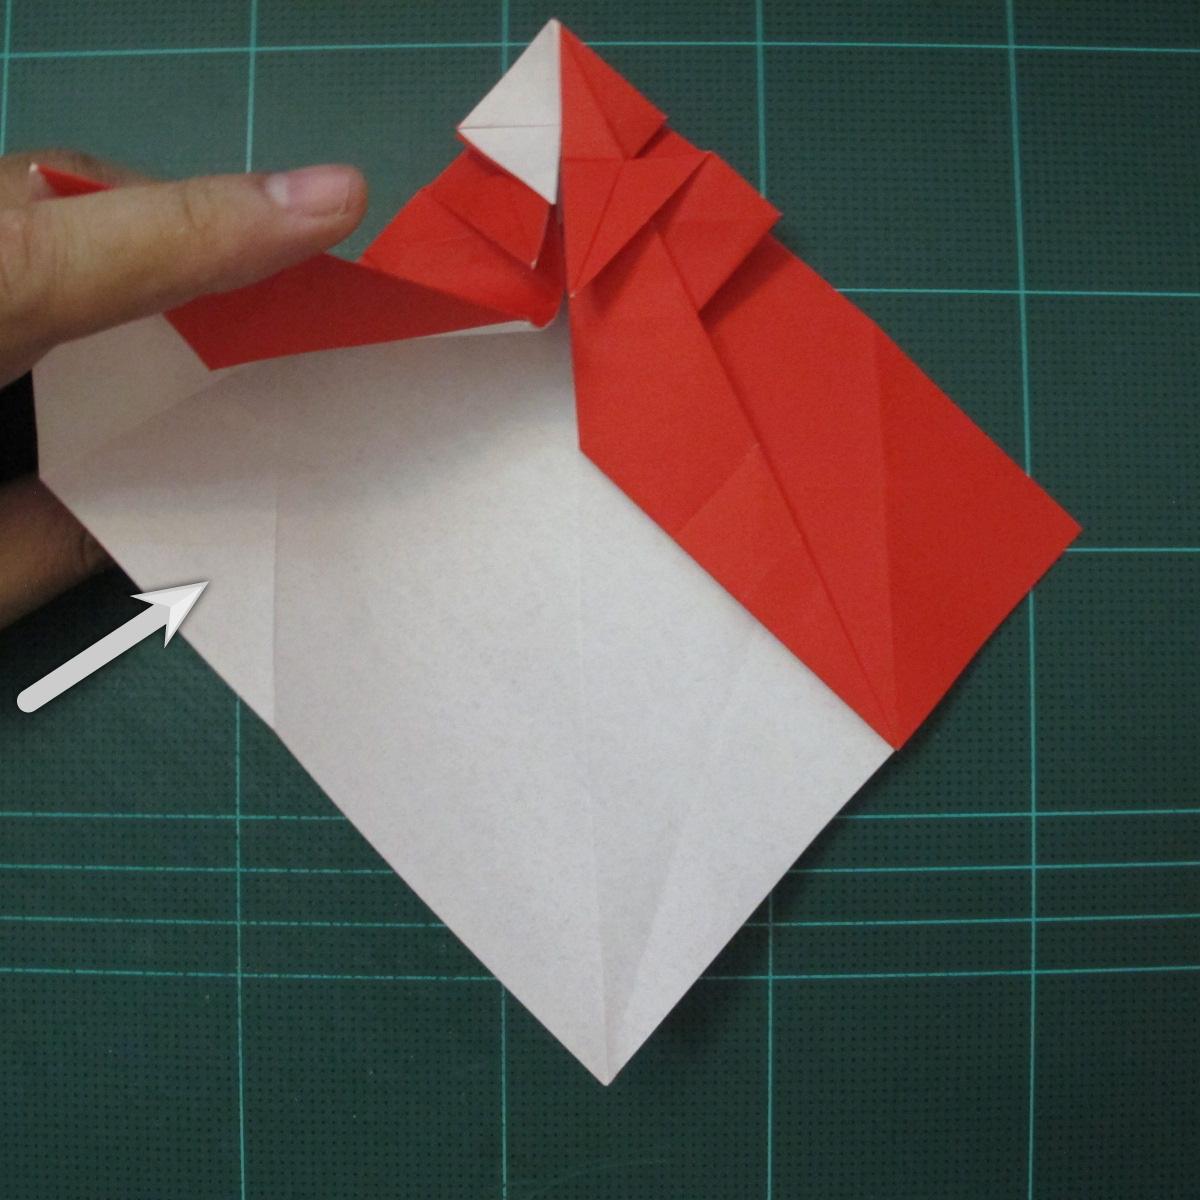 การพับกระดาษเป็นรูปสัตว์ประหลาดก็อตซิล่า (Origami Gozzila) 026